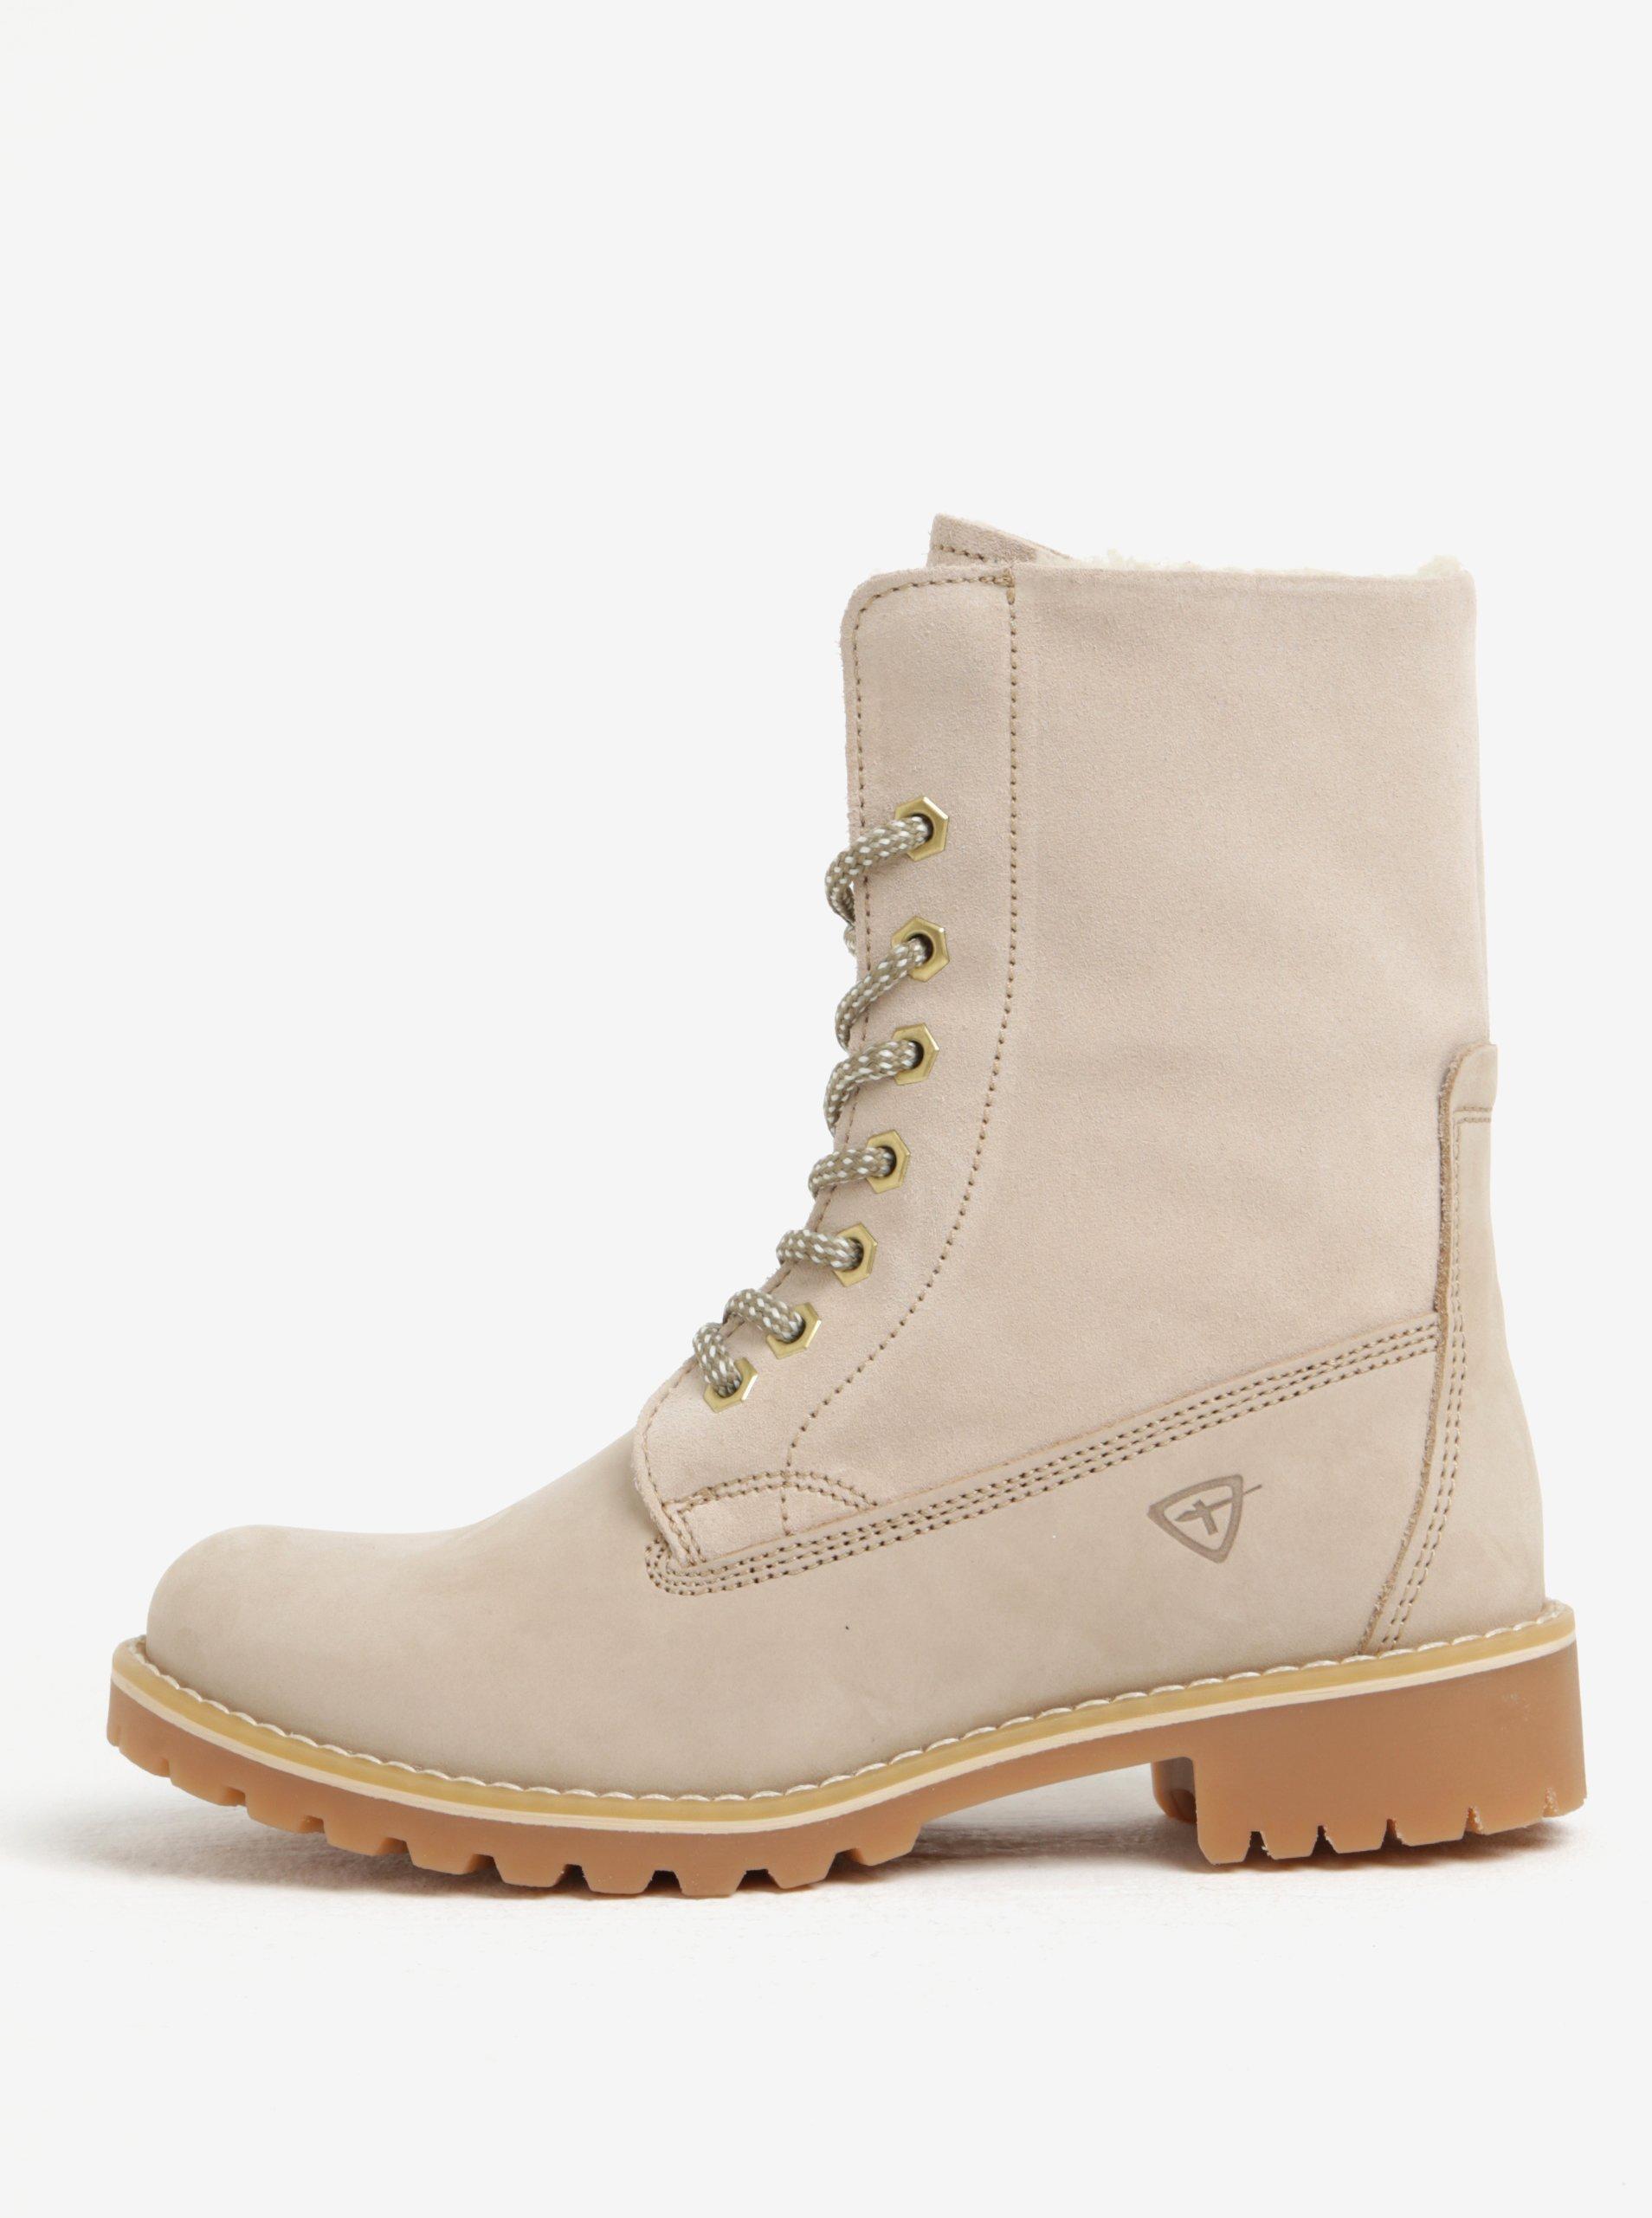 7c4c8271557cf Béžové semišové vodovzdorné zimné topánky Tamaris   Moda.sk